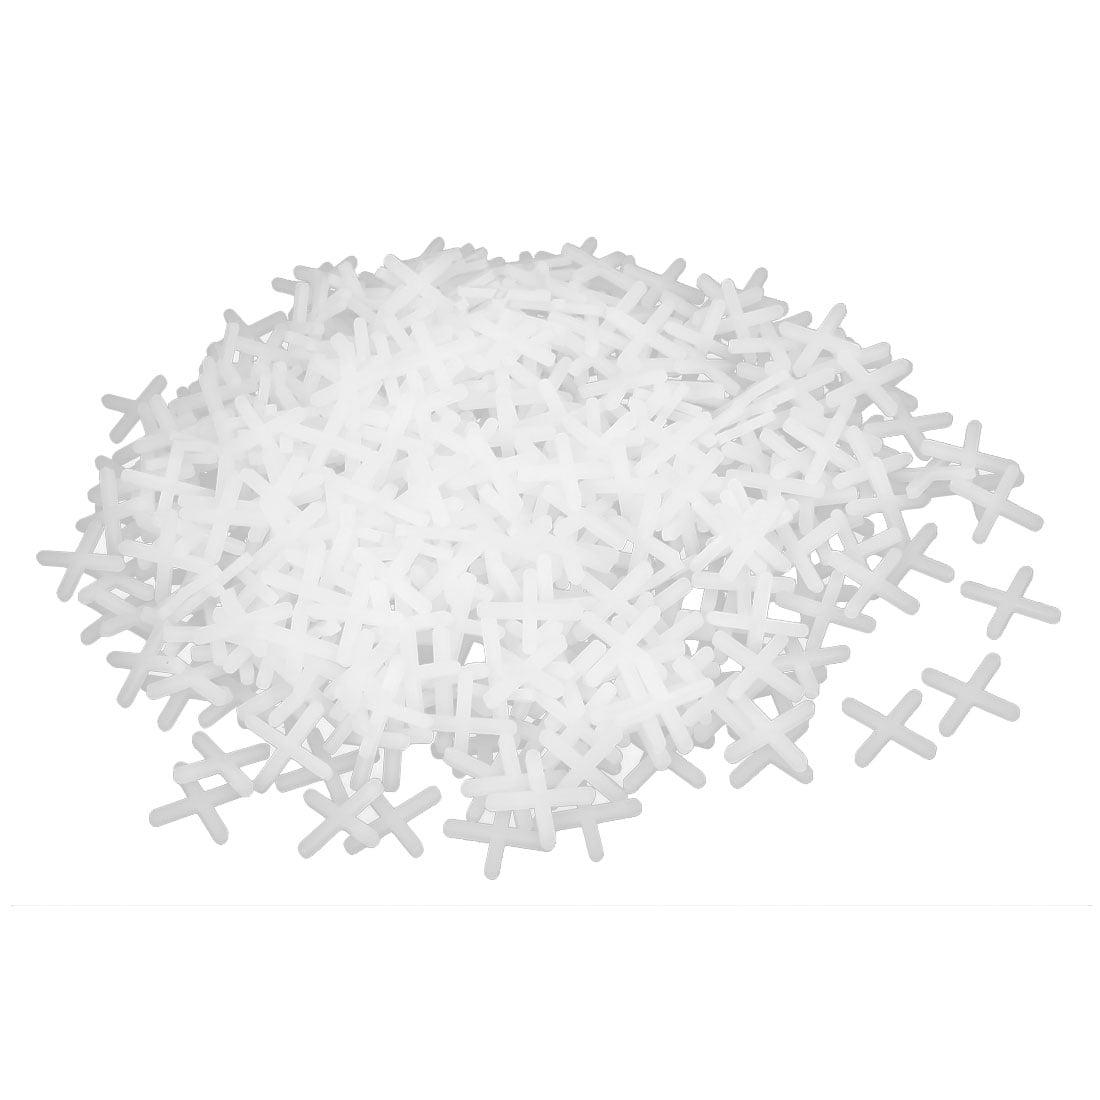 Wall Floor Ceramic Tile Plastic Cross Spacer 3mm White 1000pcs